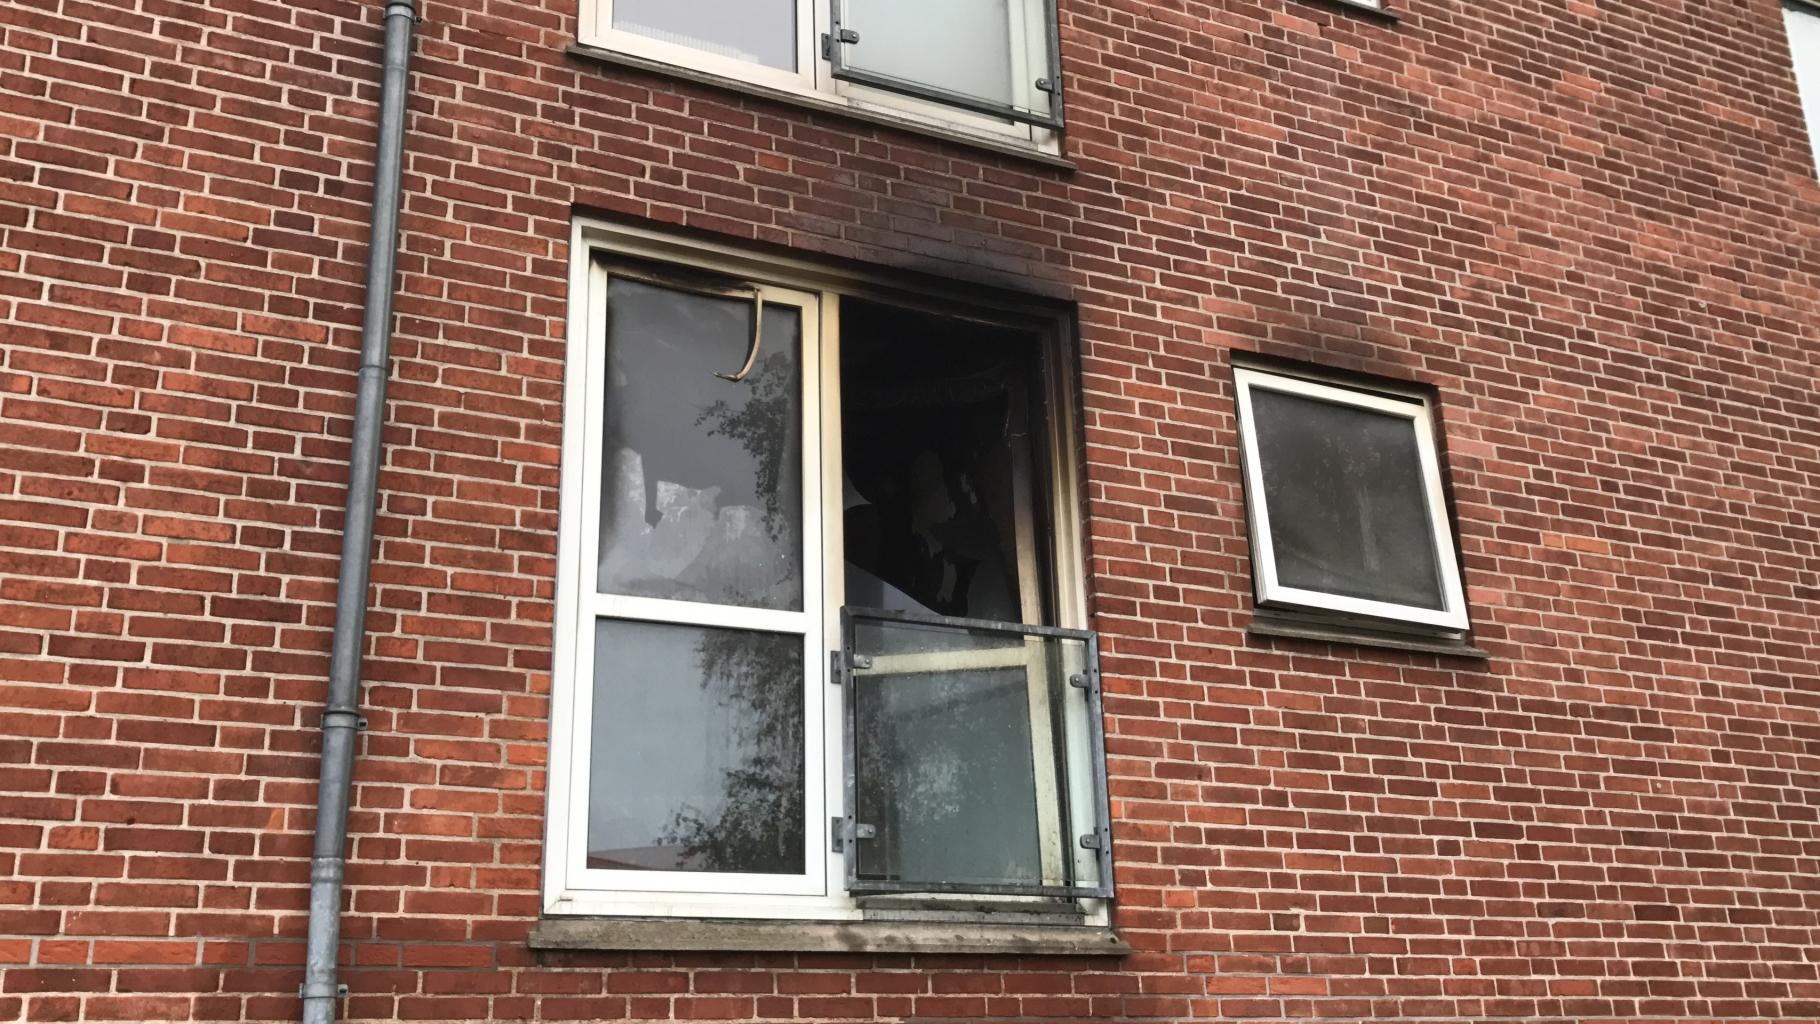 Voldsom brand i lejlighed: Lejlighed udbrændt